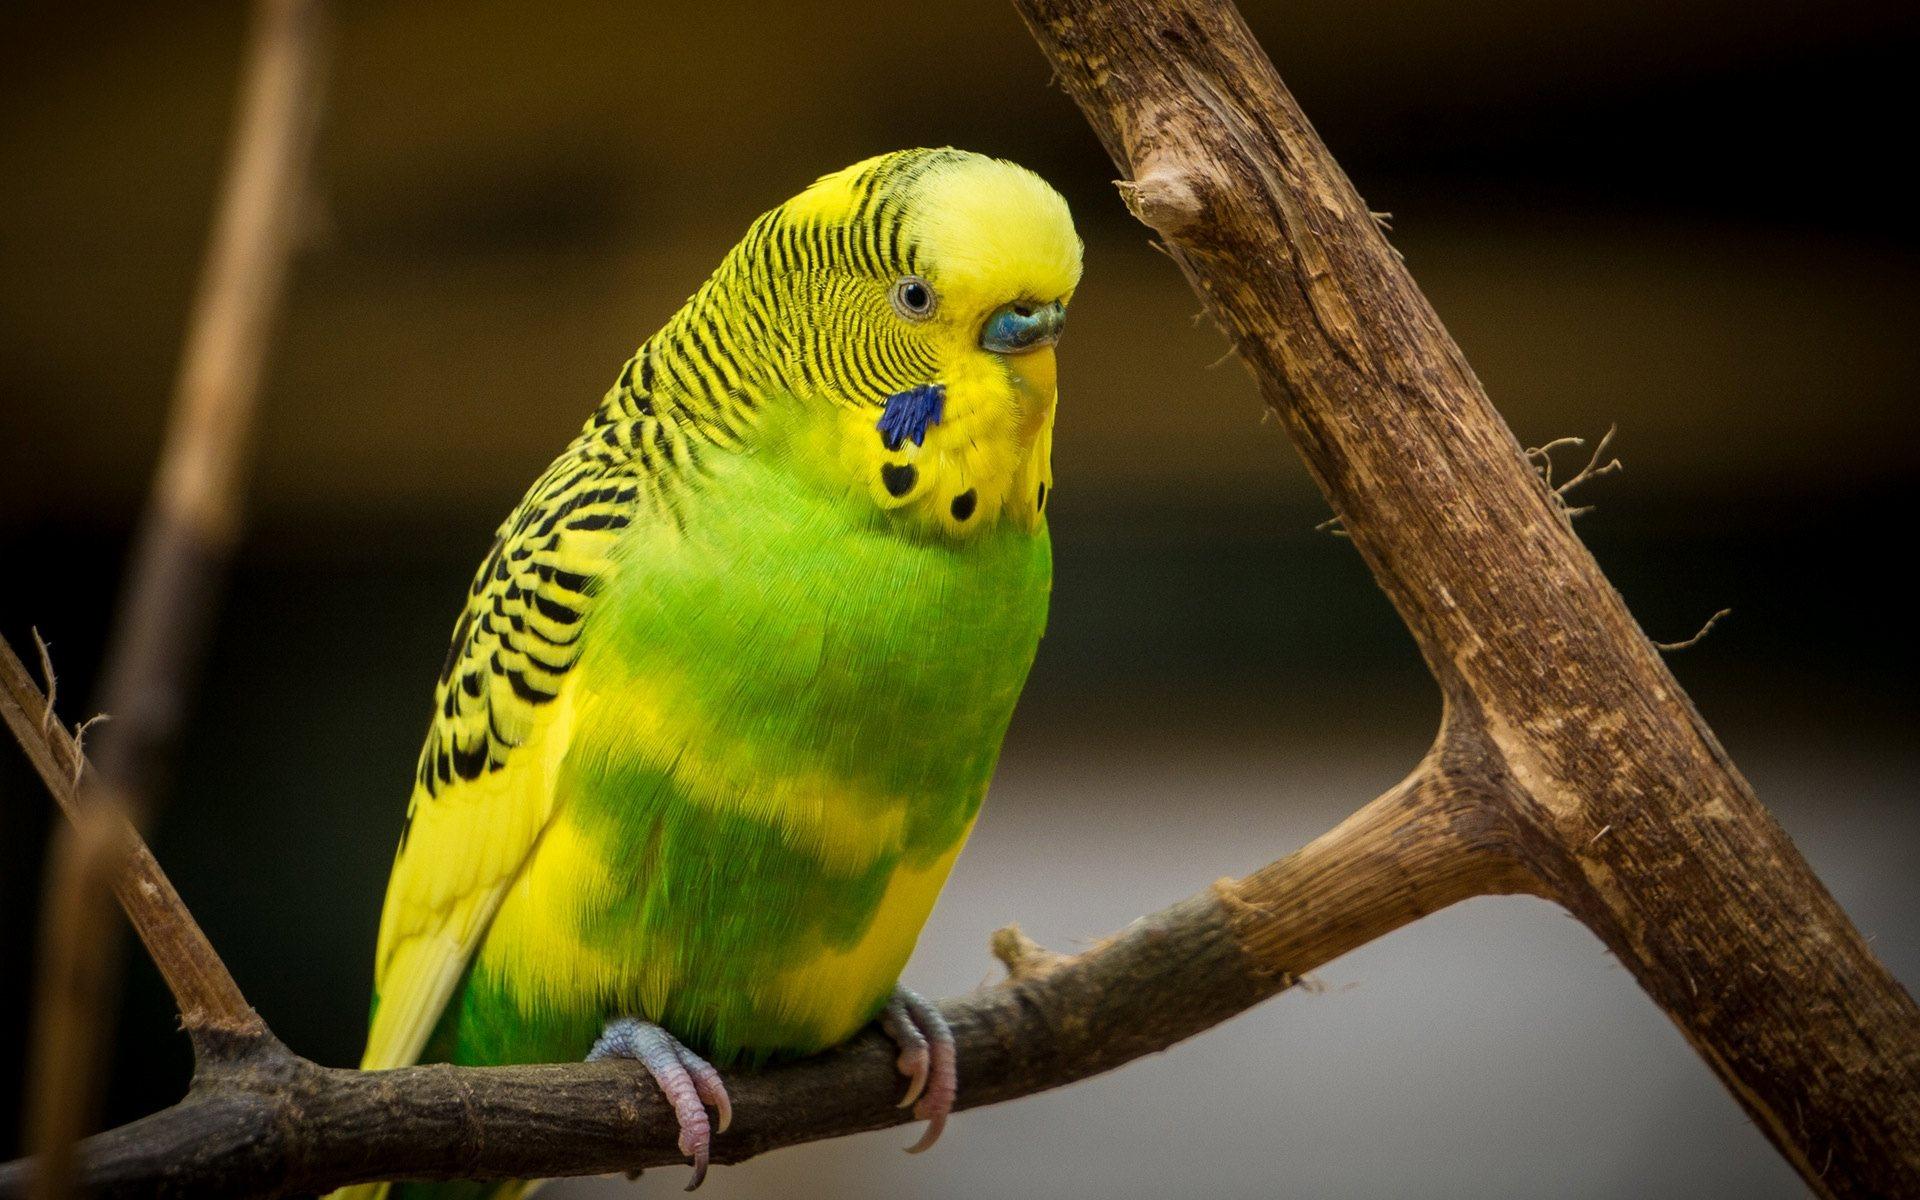 Cute Parakeet Wallpaper Green And Yellow Parrot Wallpaper Hd Wallpaper Background